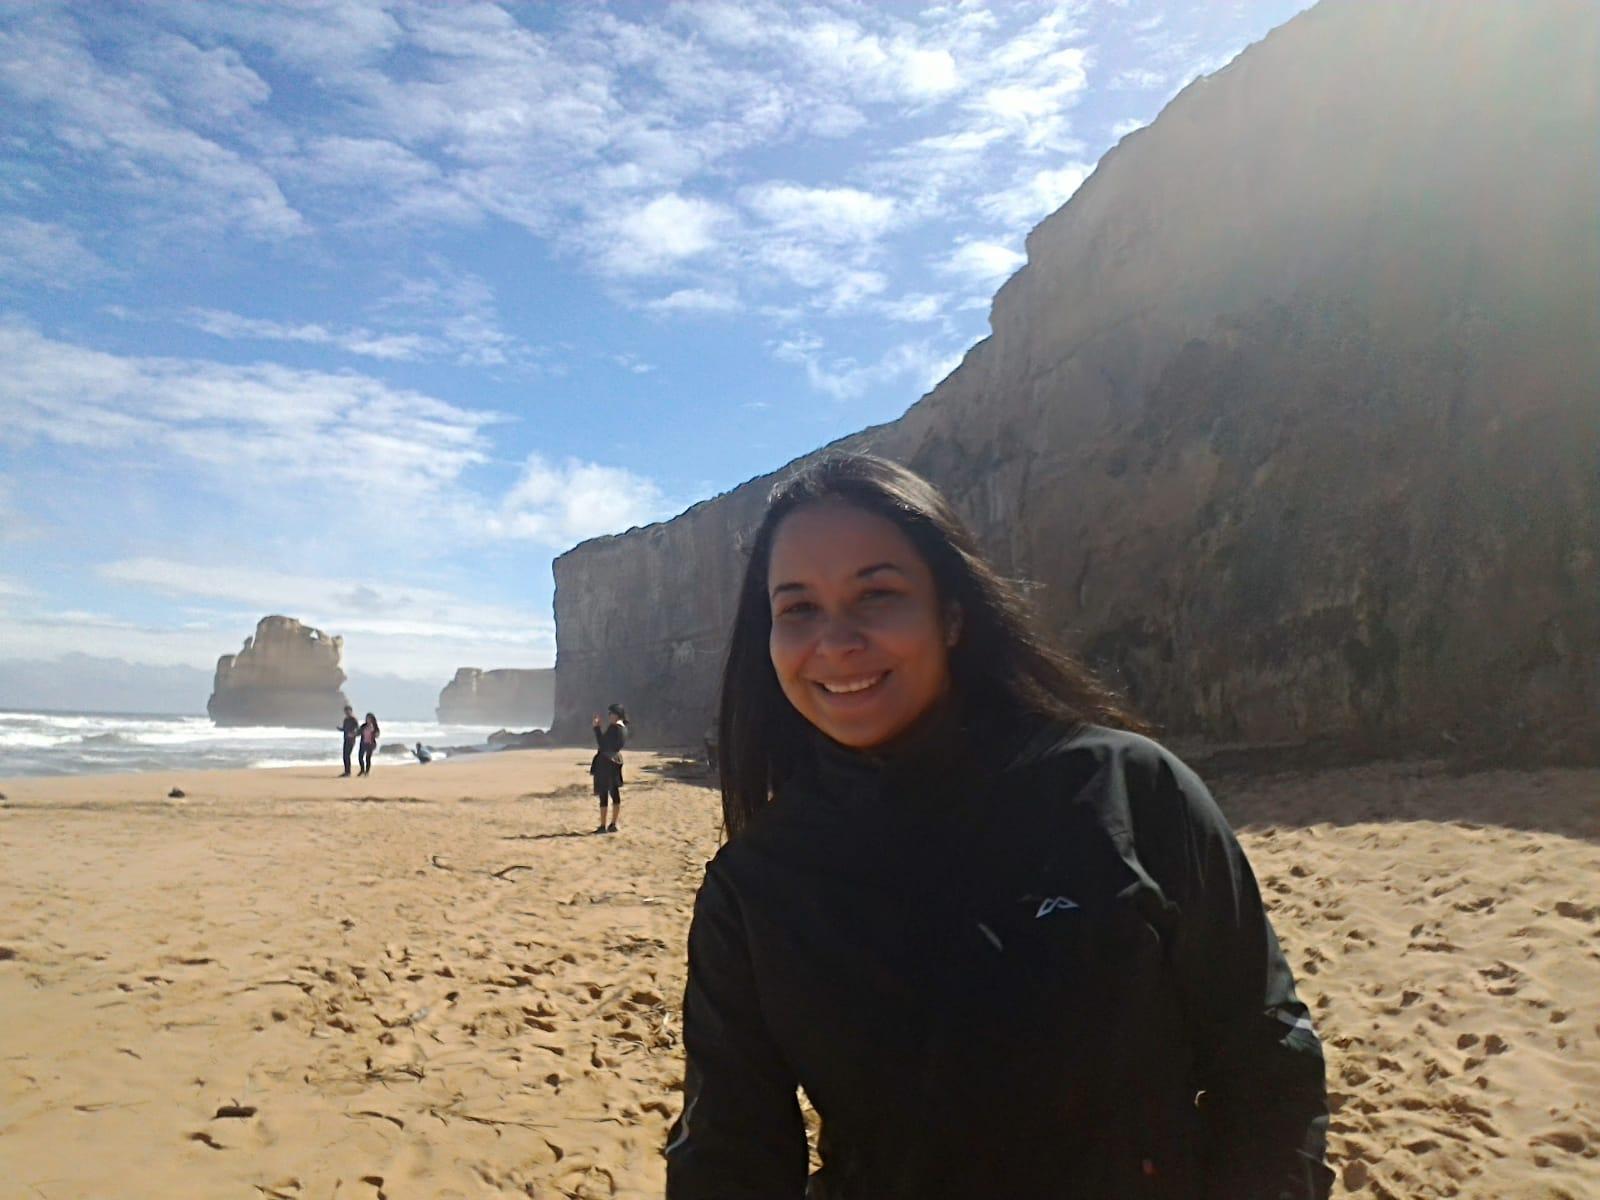 Maria Fernanda breast cancer survivor